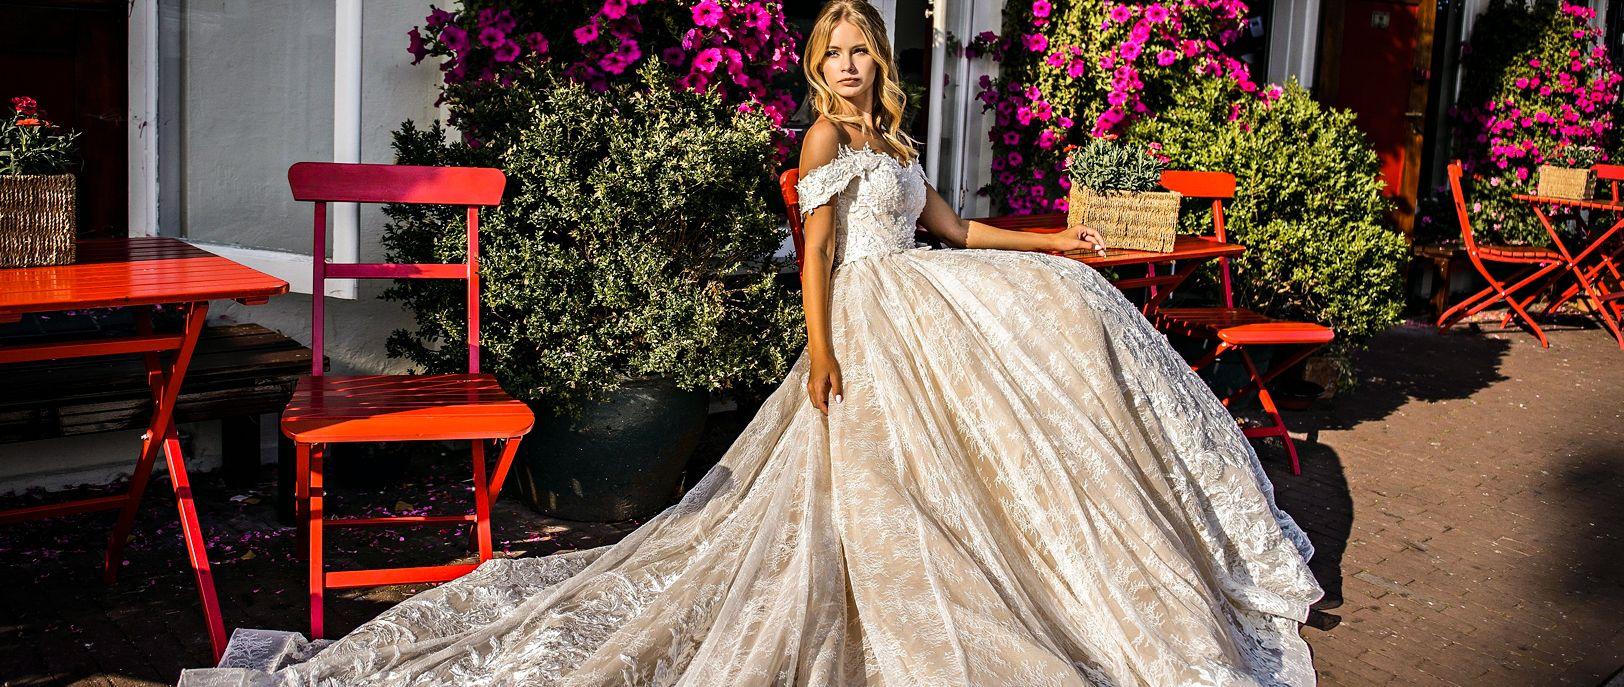 89efbe5d15e2 Irian sam svadobné šaty